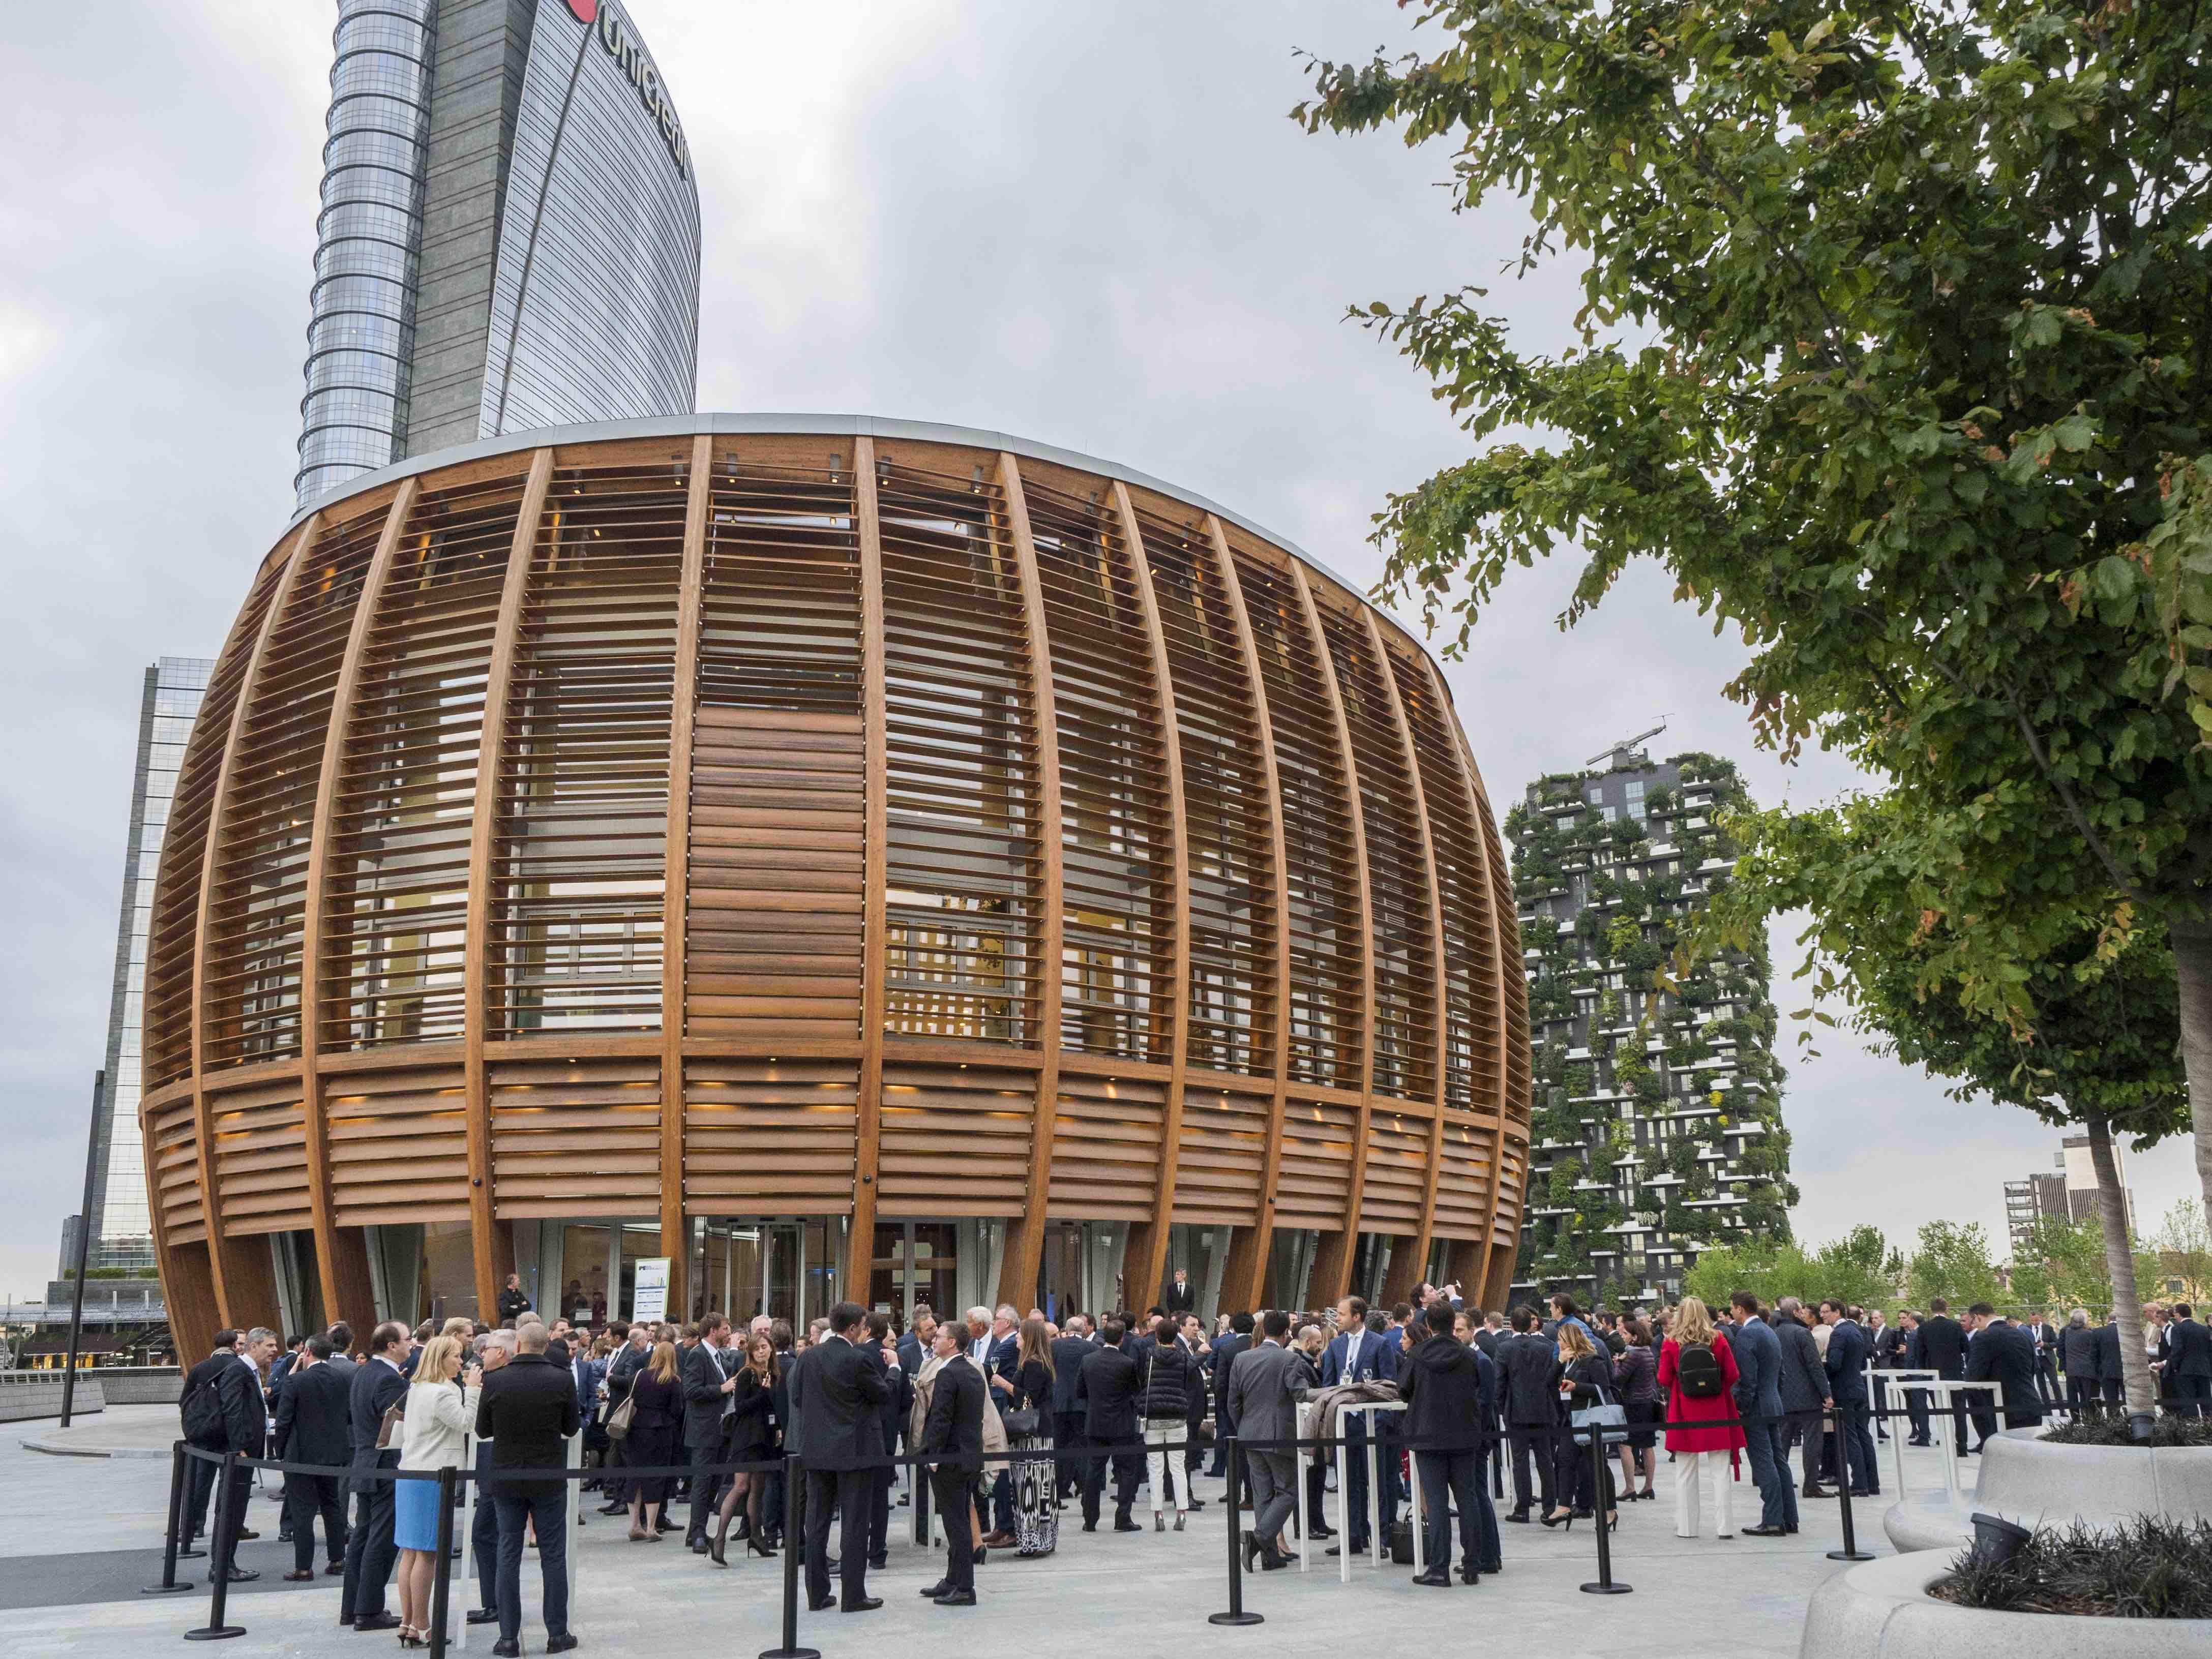 IPE Real Estate Awards 2018 at the Unicredit Pavilion, Milan